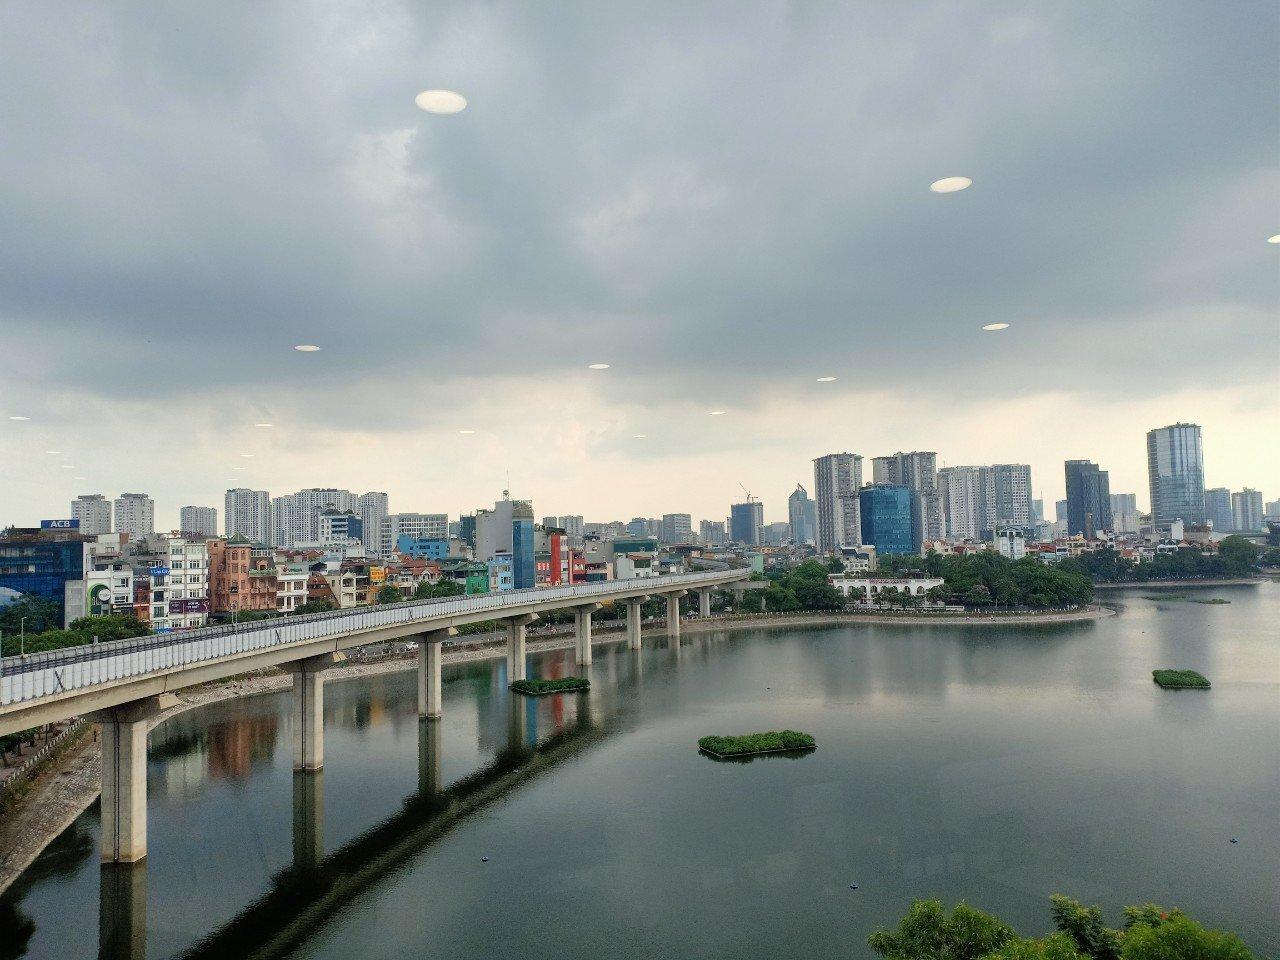 Chính chủ cho thuê văn phòng 111m2 view hồ, giá tốt tại mặt phố Hoàng Cầu, Đống Đa, Hà Nội